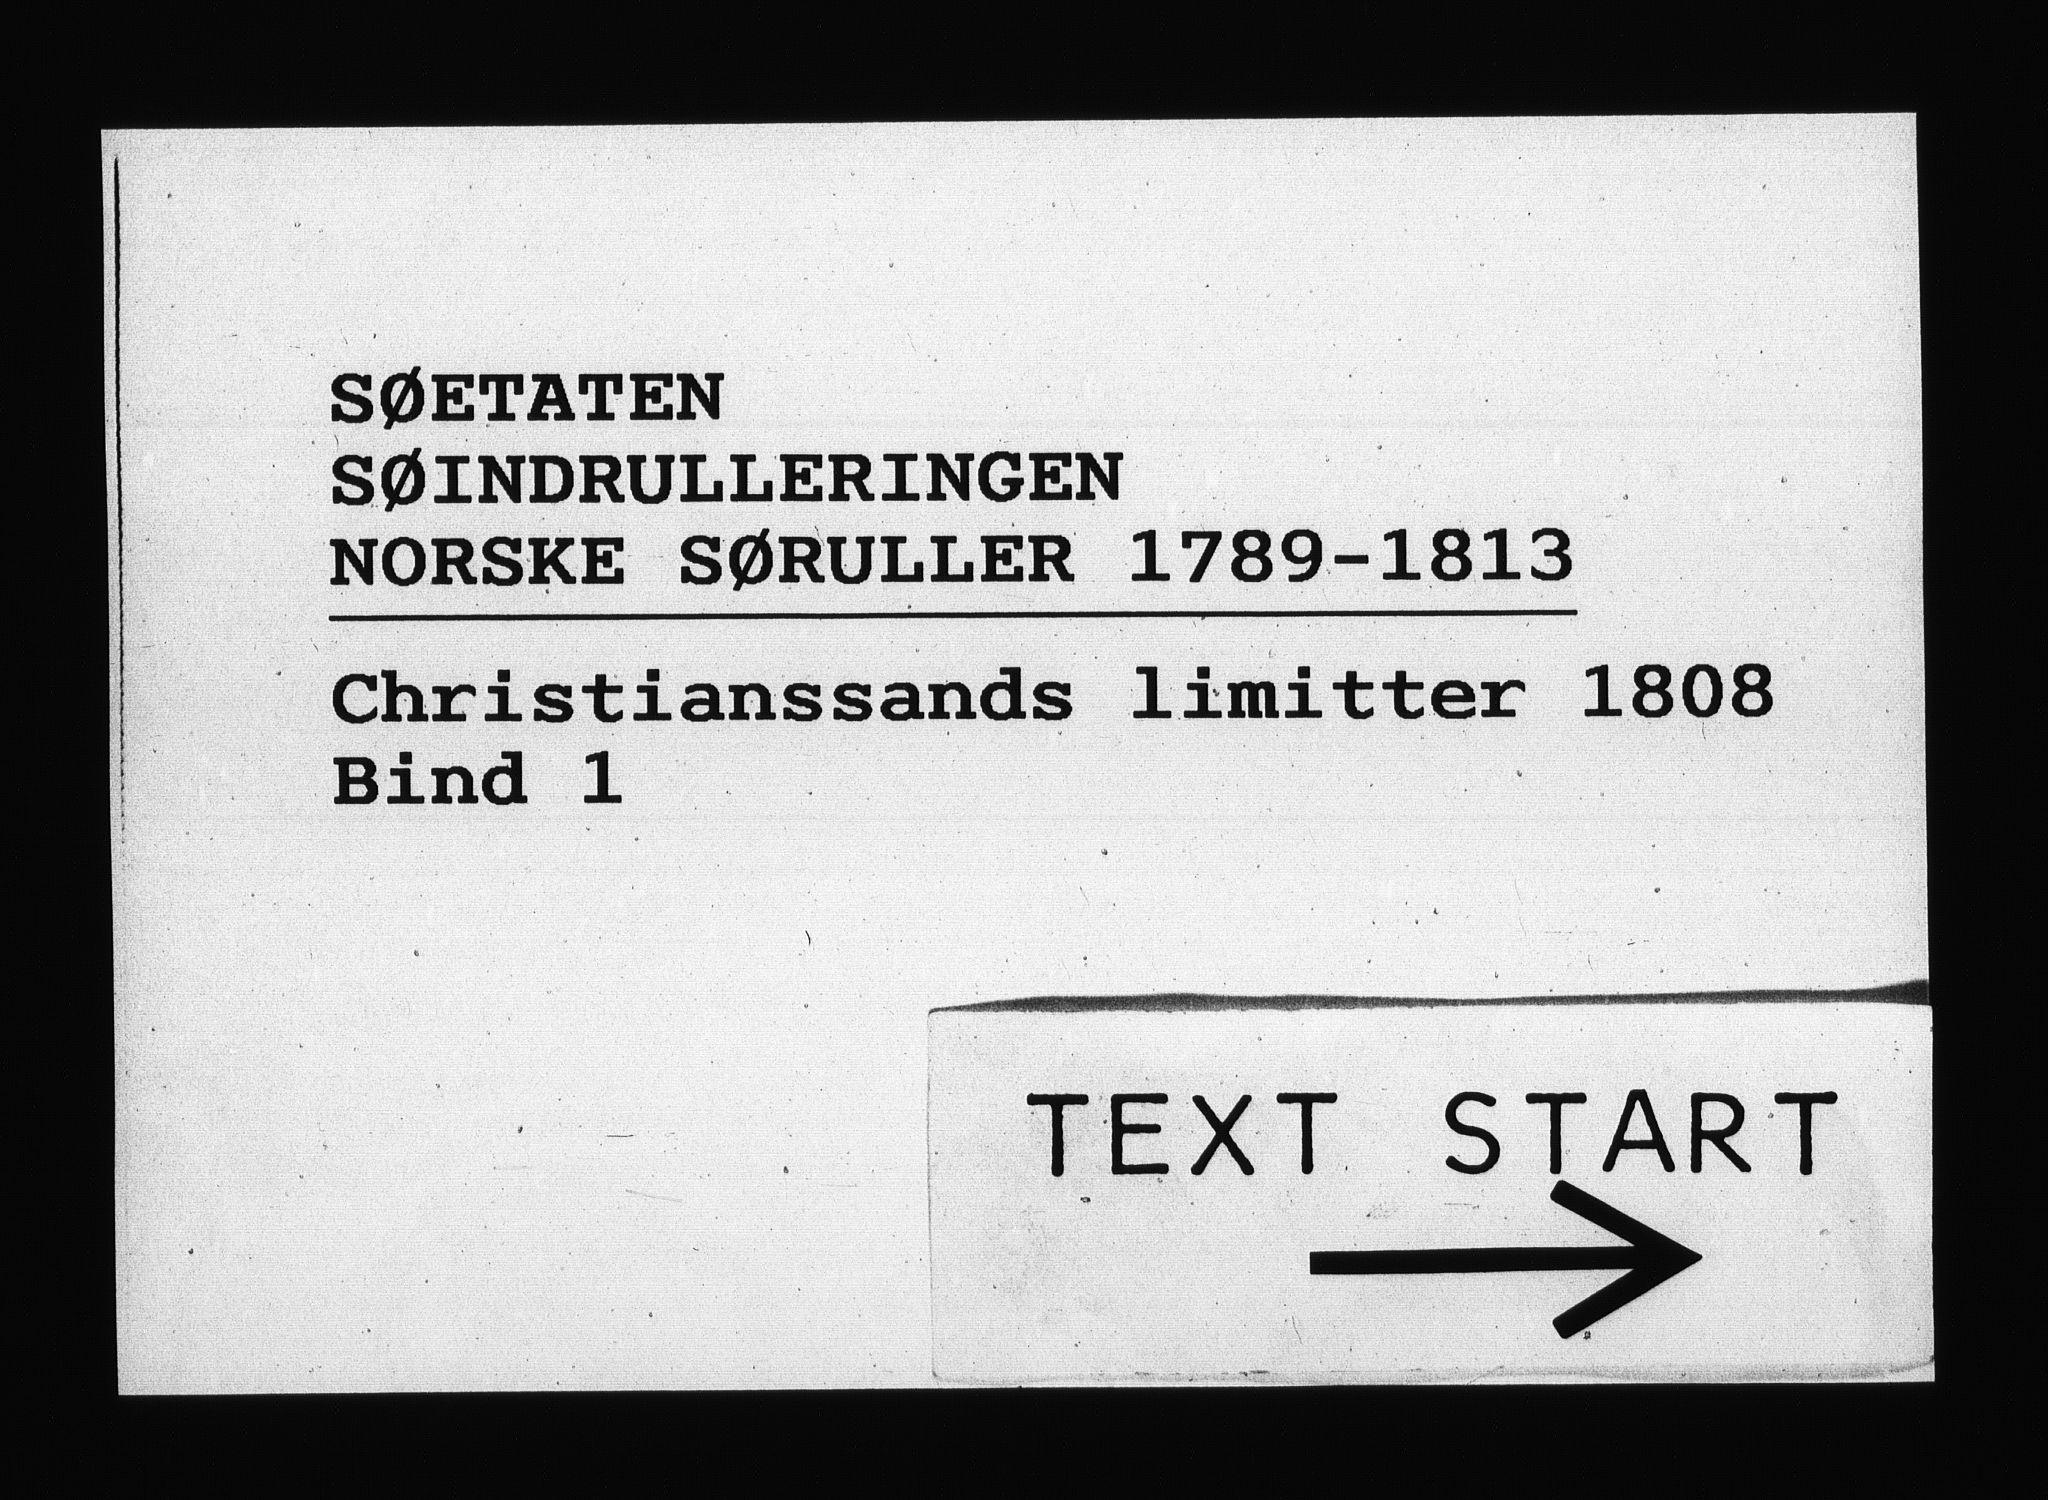 RA, Sjøetaten, F/L0101: Kristiansand limitter, bind 1, 1808